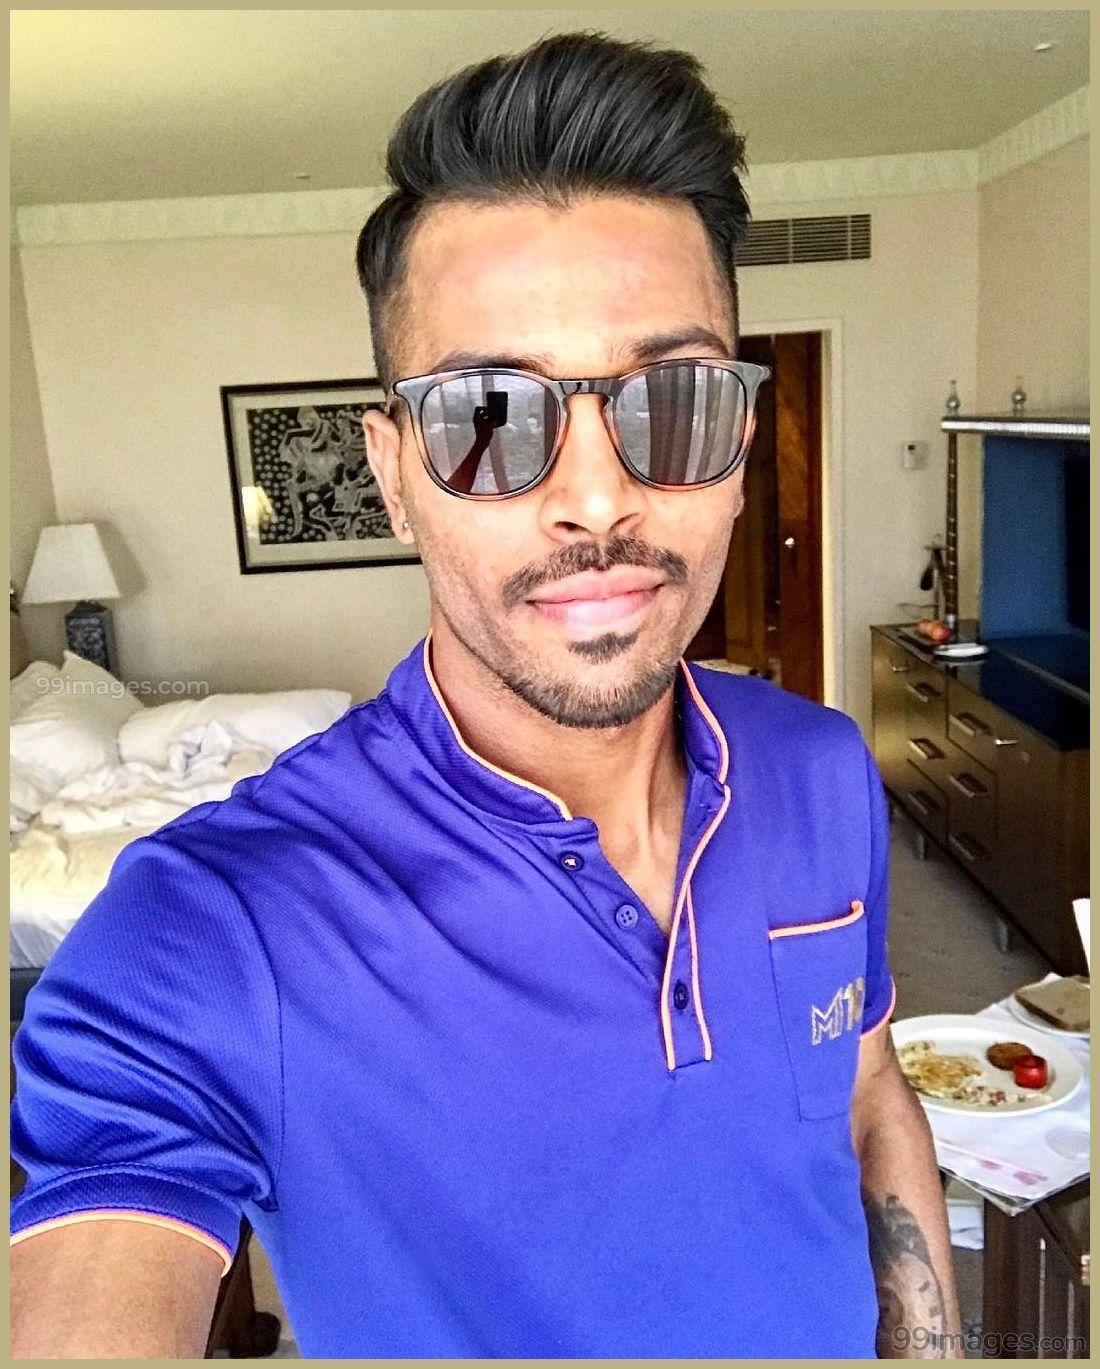 Hardik Pandya Photoshoot Images Hd Wallpapers 1080p 16327 Hardikpandya Cricketer Hdimages Hardikp Photoshoot Images Cricket Wallpapers Twitter Image